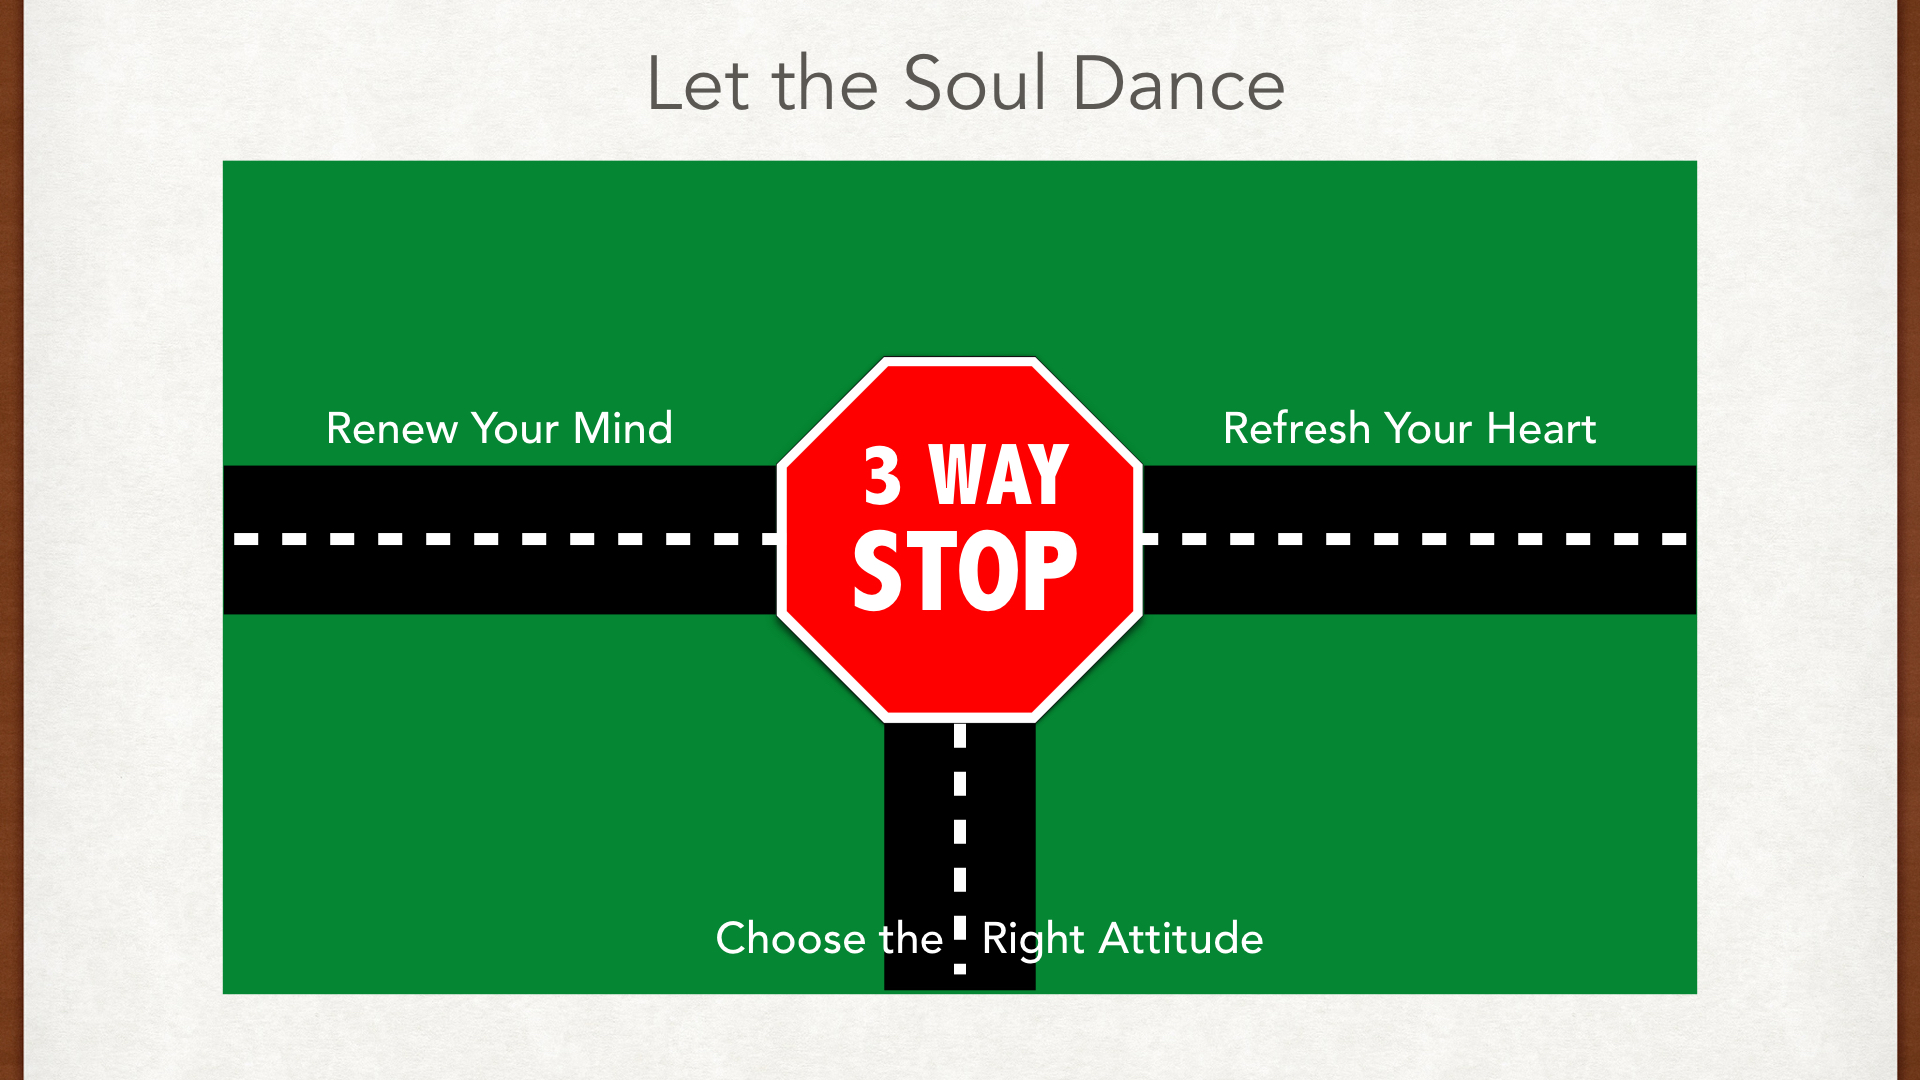 let-the-soul-dance-oct-23-2016-014